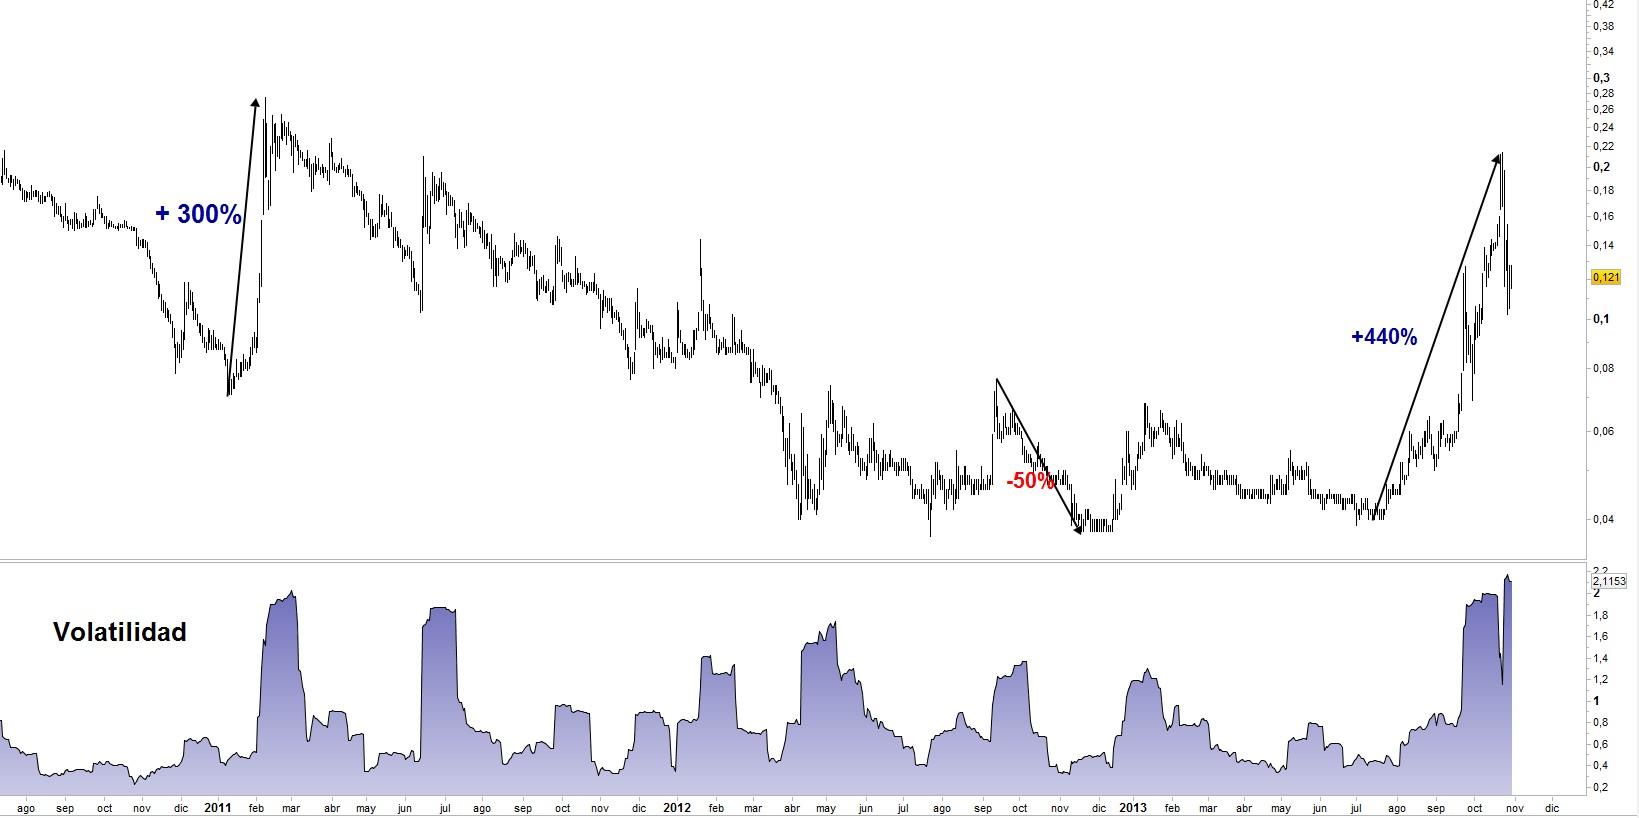 volatilidad chicharros